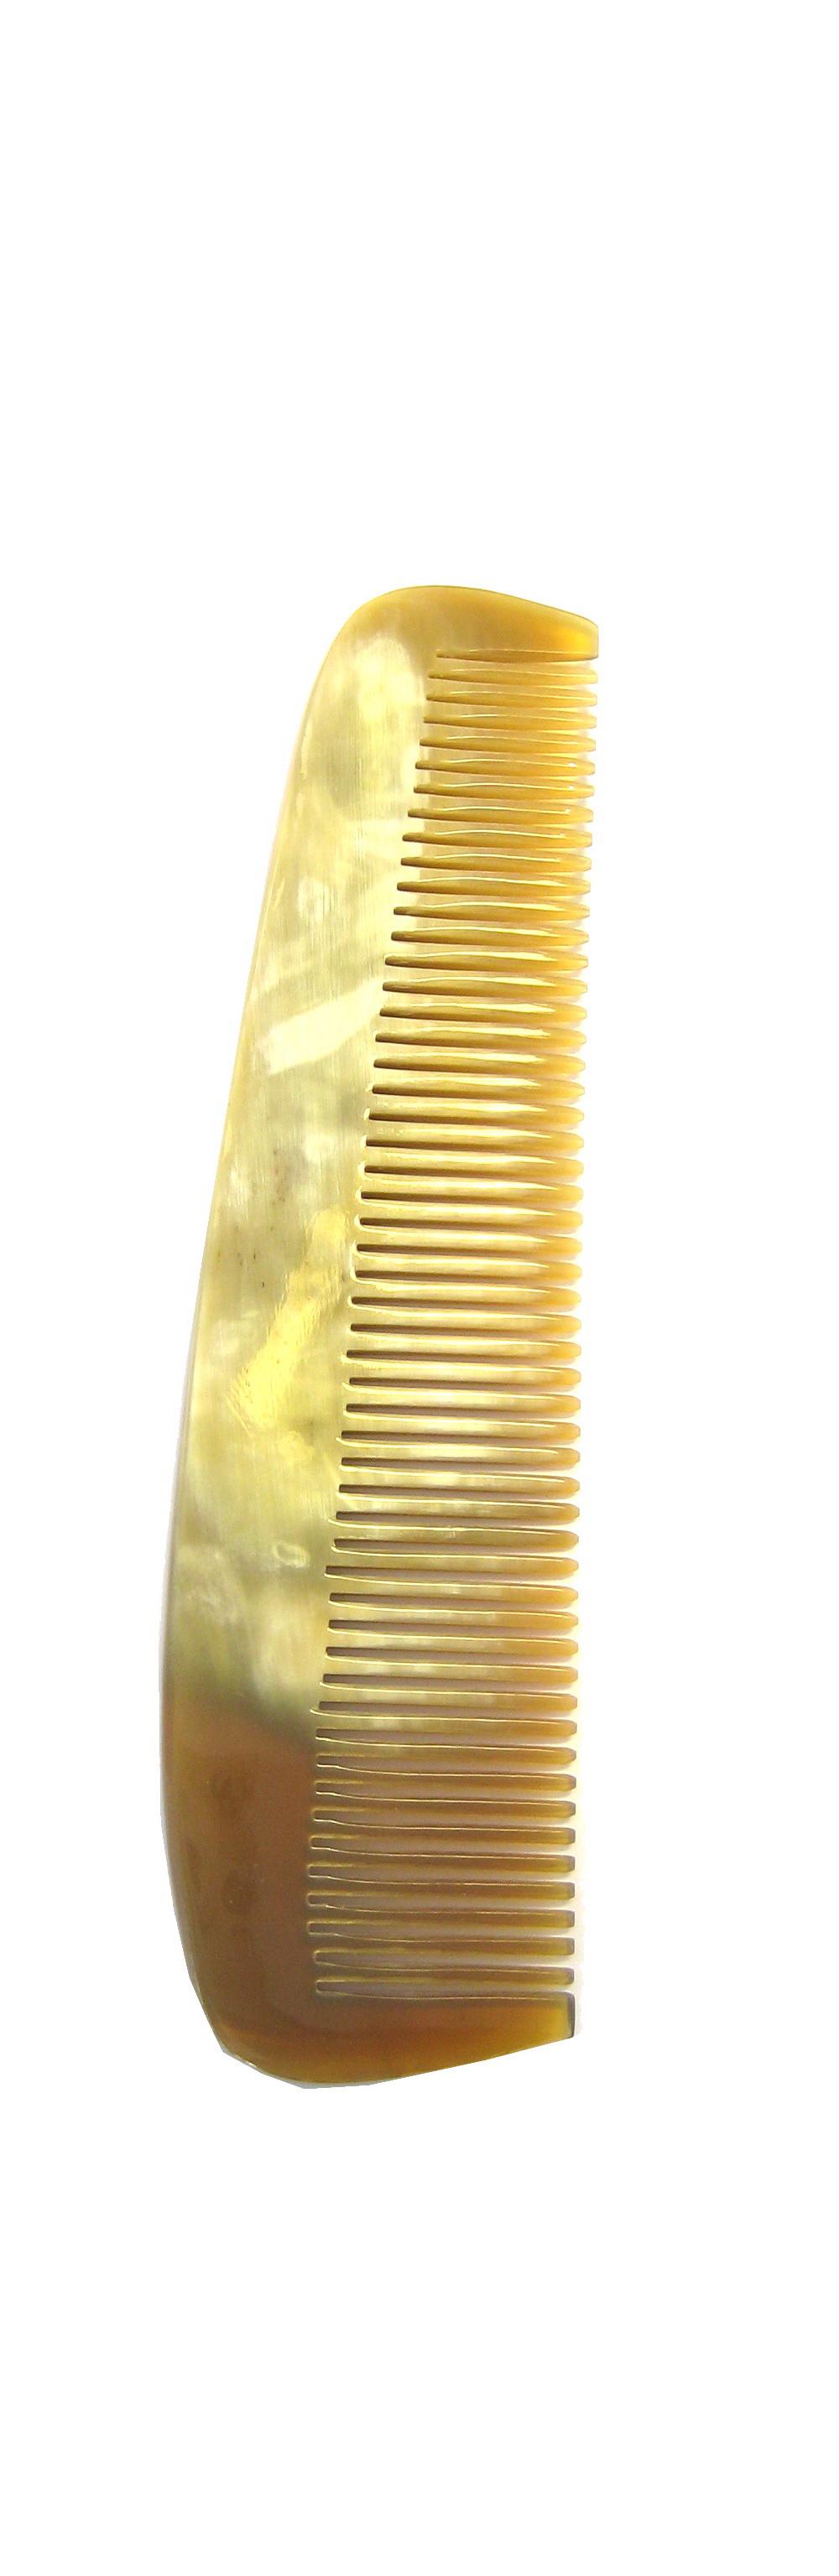 Golddachs Taschenkamm aus handgesägtem Horn